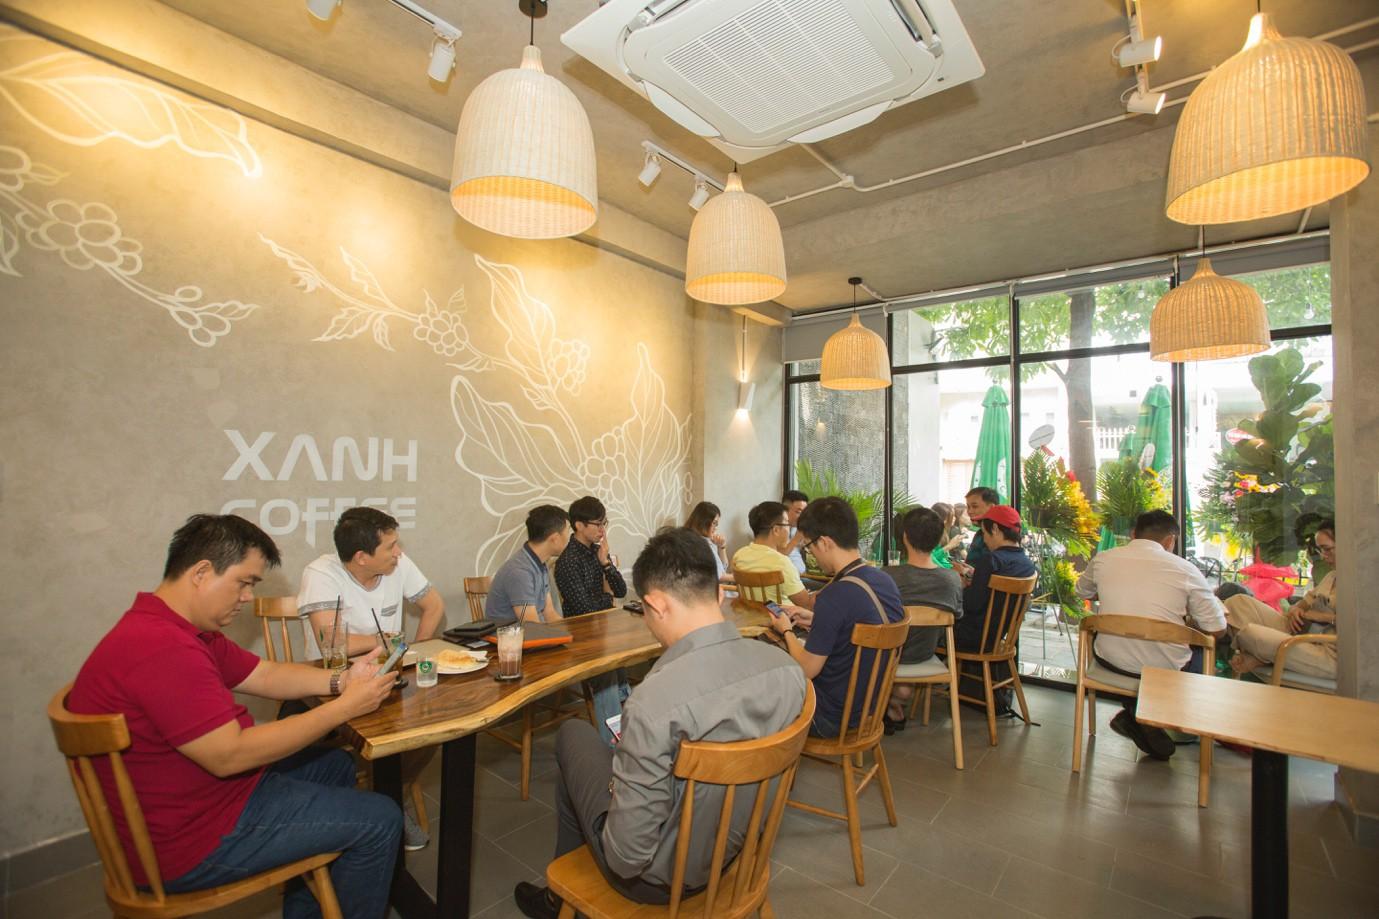 """Xanh Coffee khuấy động ở """"khu phố cà phê"""" Sài Gòn """"hút"""" nhiều nghệ sĩ Việt - Ảnh 4."""